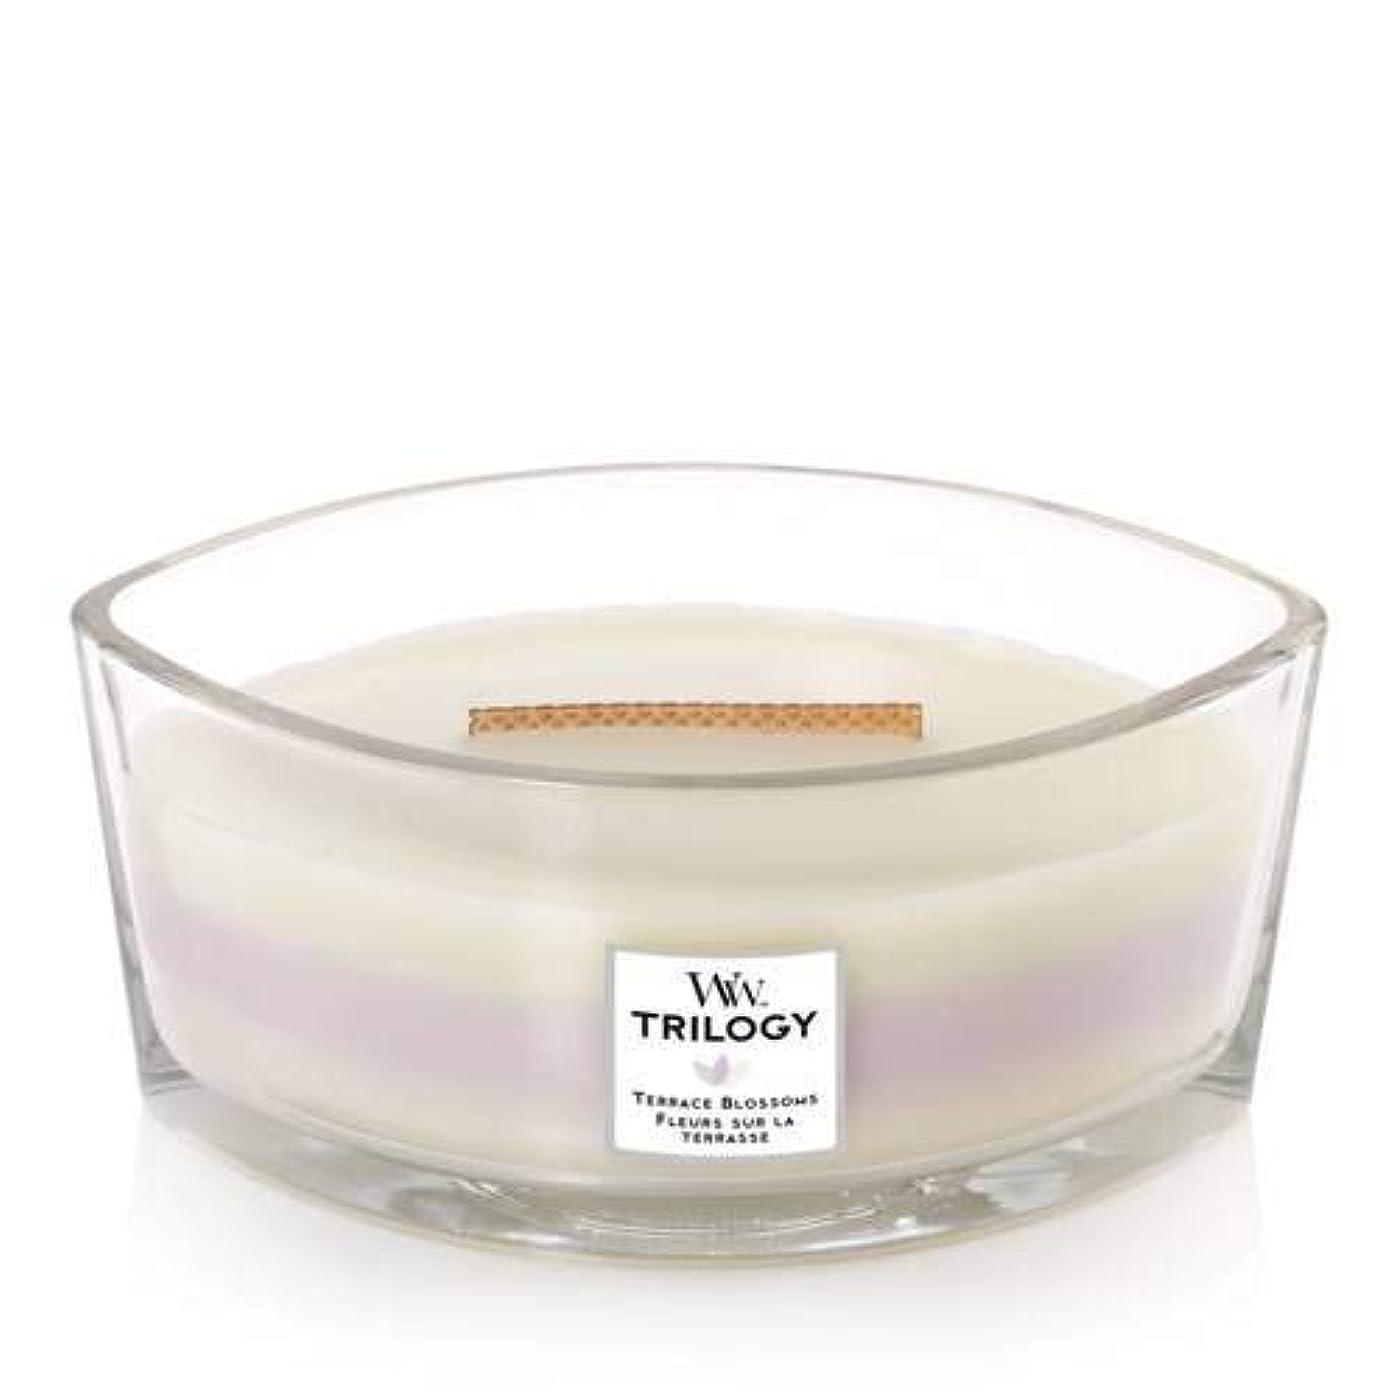 軽く最小化する精通したWoodWick Terrace Blossoms トリロジーキャンドル - Fig Leaf & Tuberose, Wild Violet and Magnolia Ellipse 76973